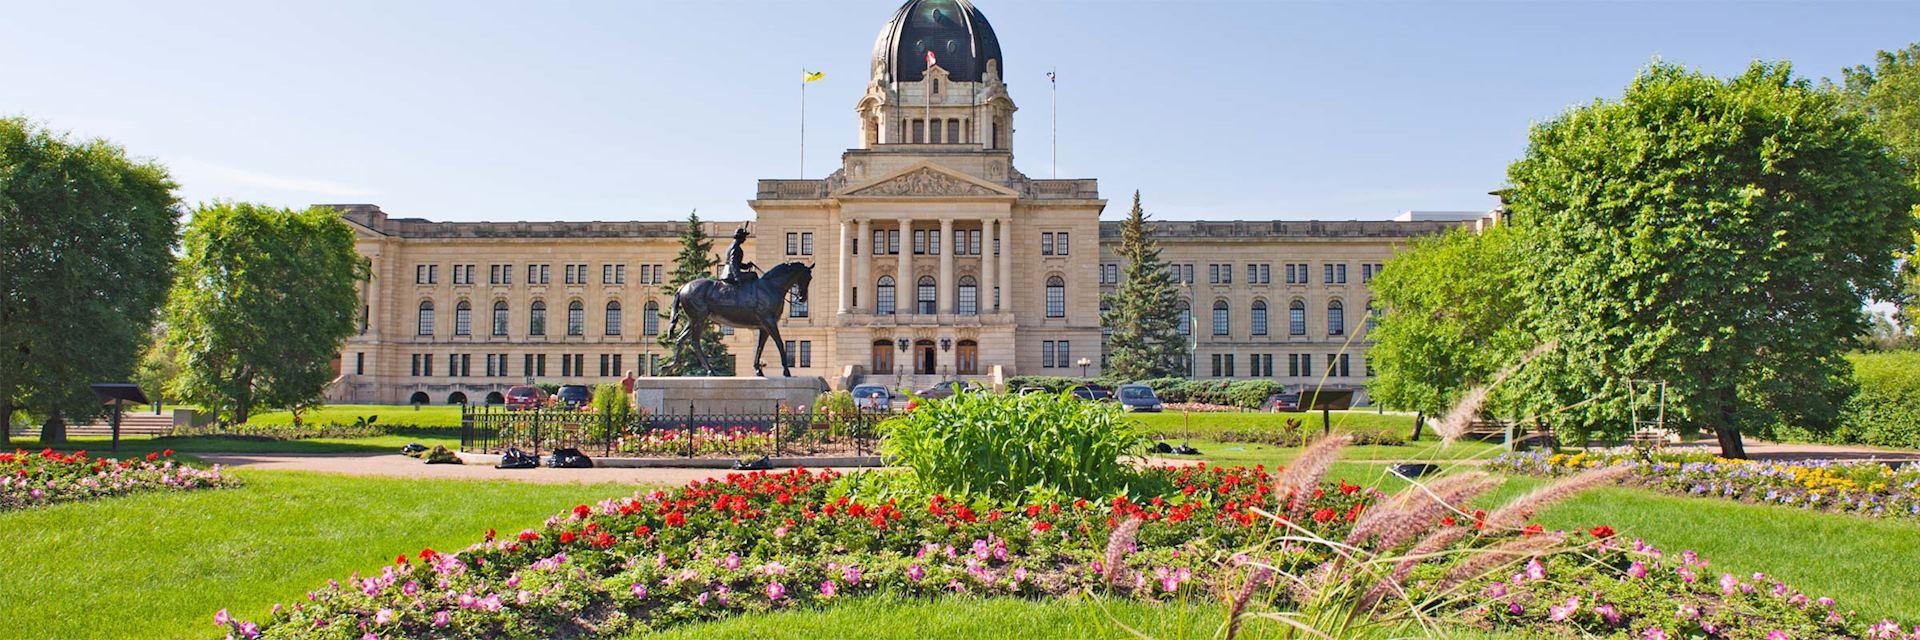 Legislative Building in Regina